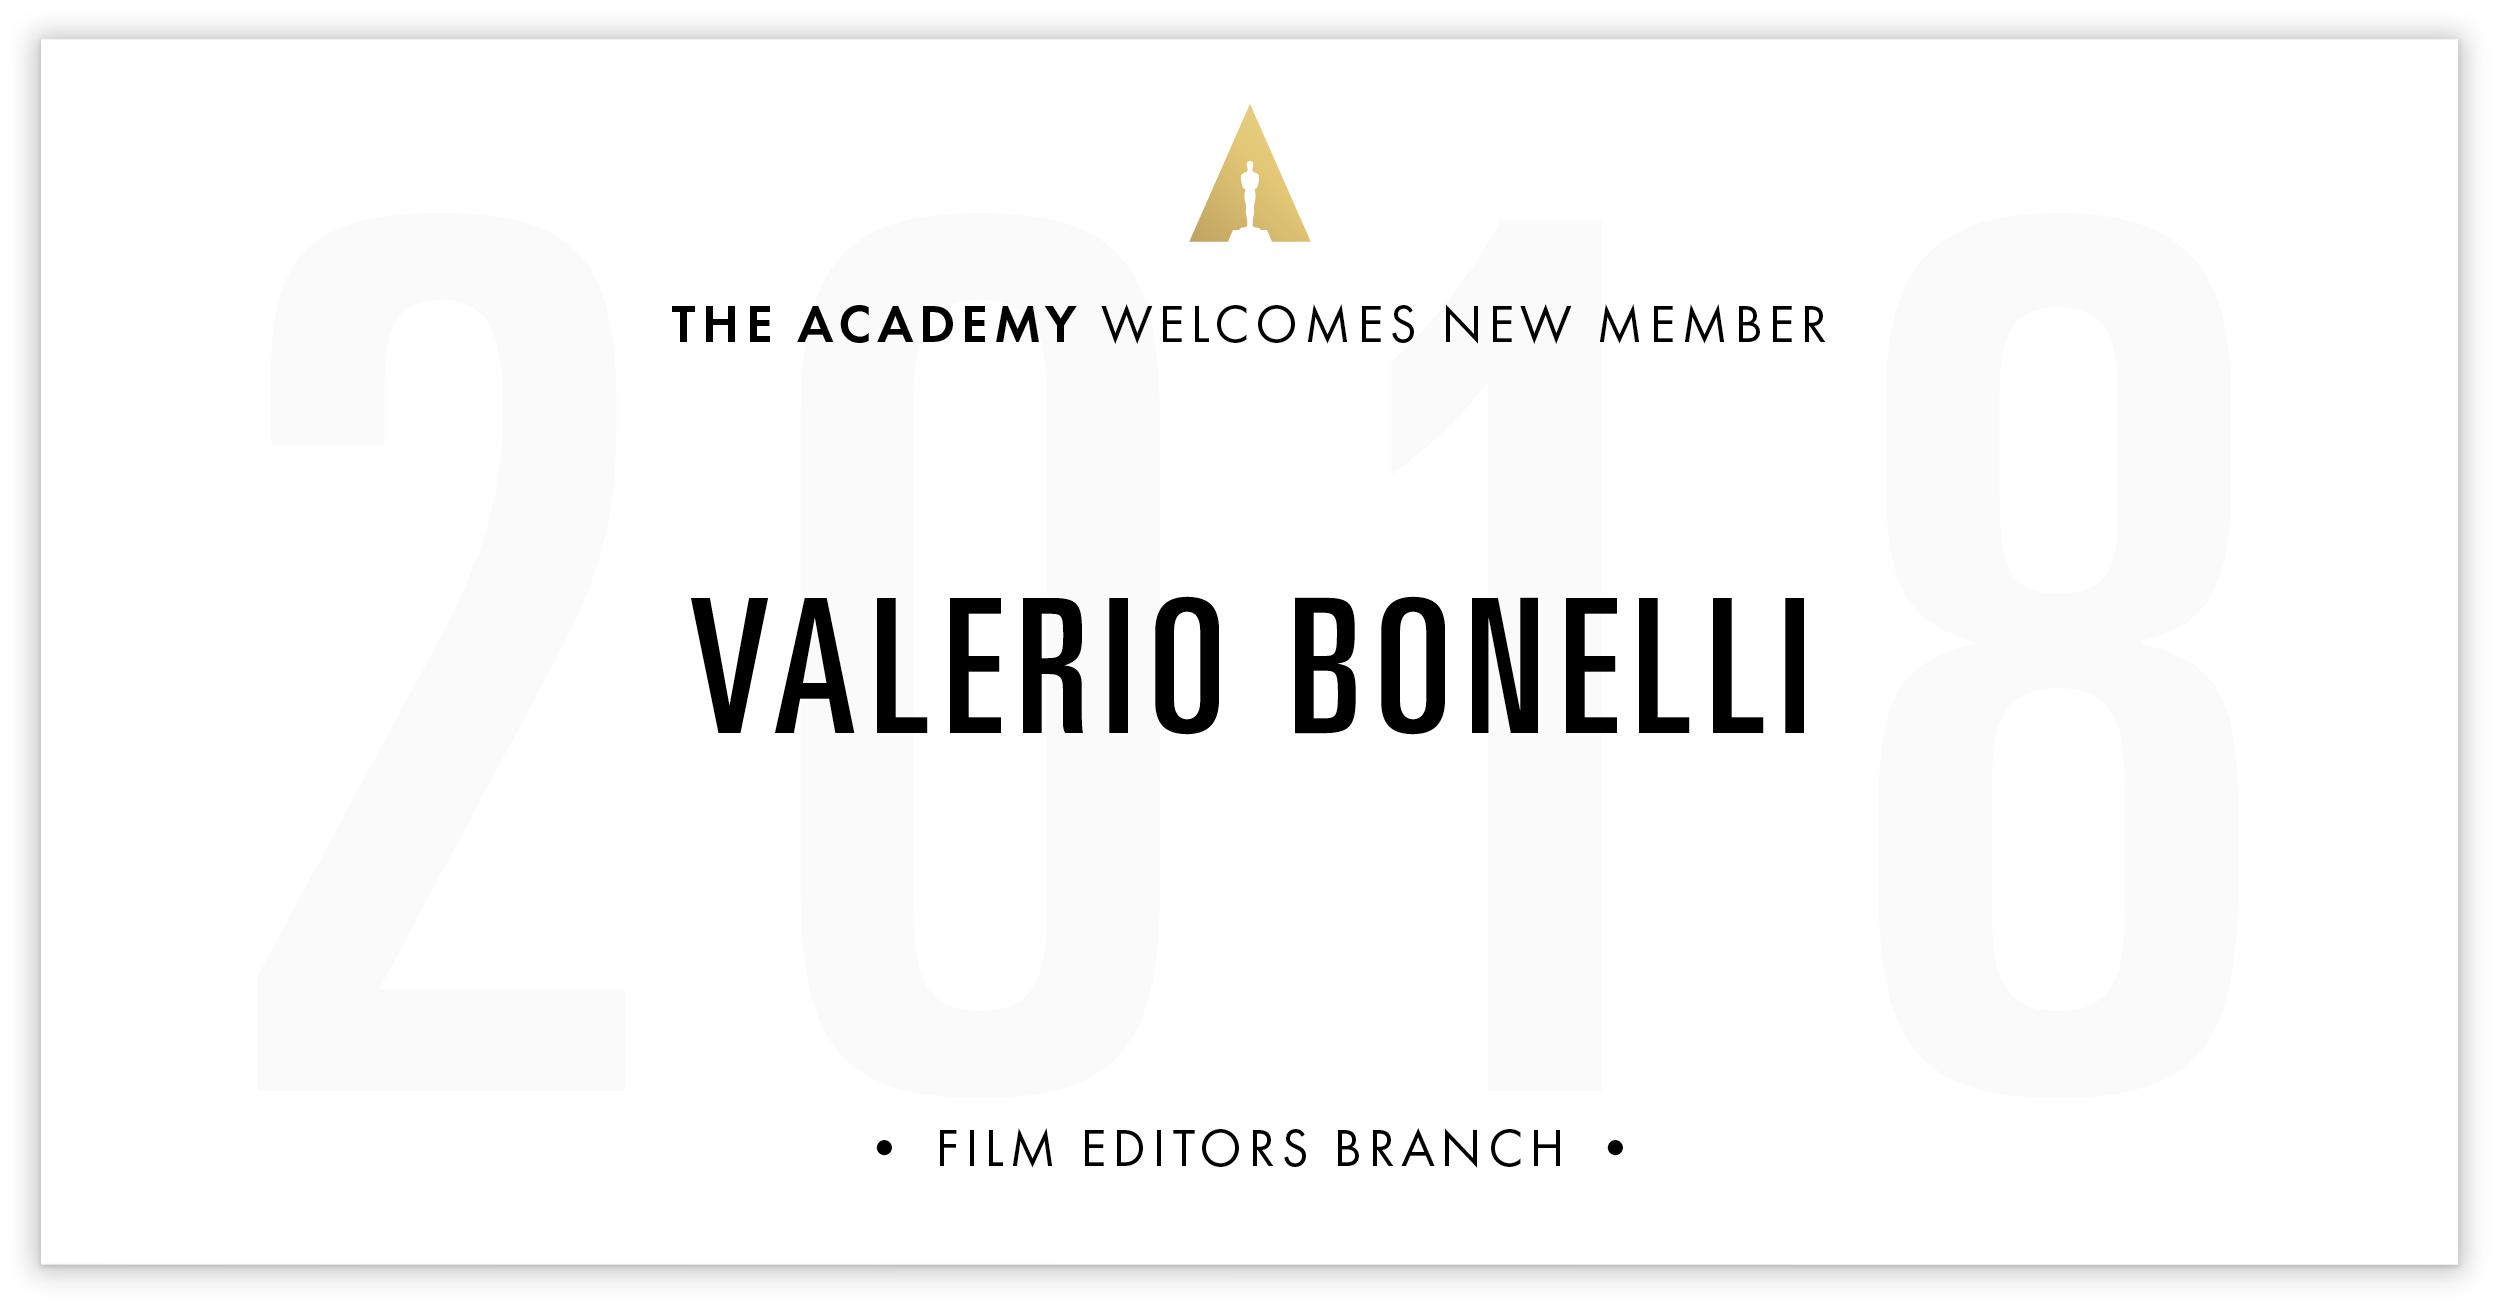 Valerio Bonelli is invited!